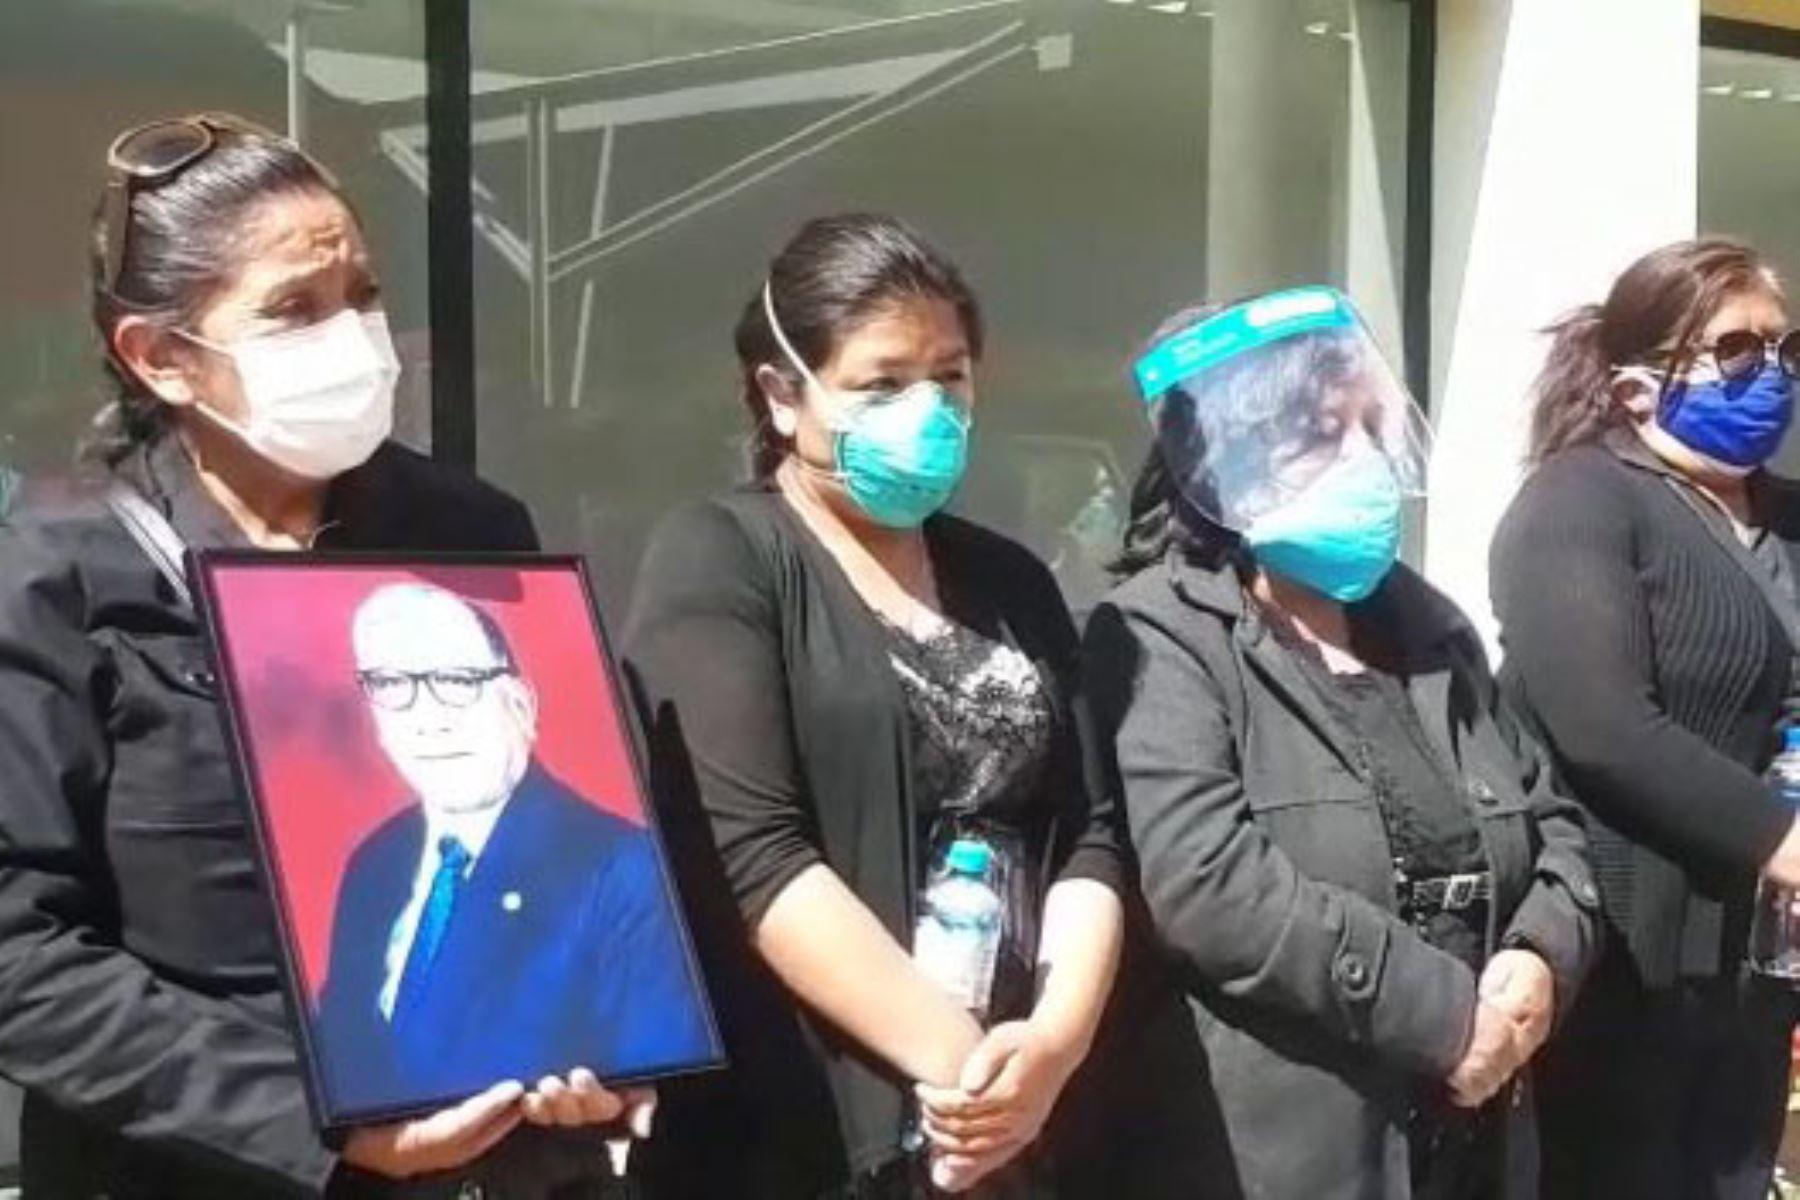 Familiares y amigos dieron el último adiós al licenciado en enfermería Armando Susaníbar Sandoval, quien perdió la batalla contra el covid-19. Foto: ANDINA/Difusión